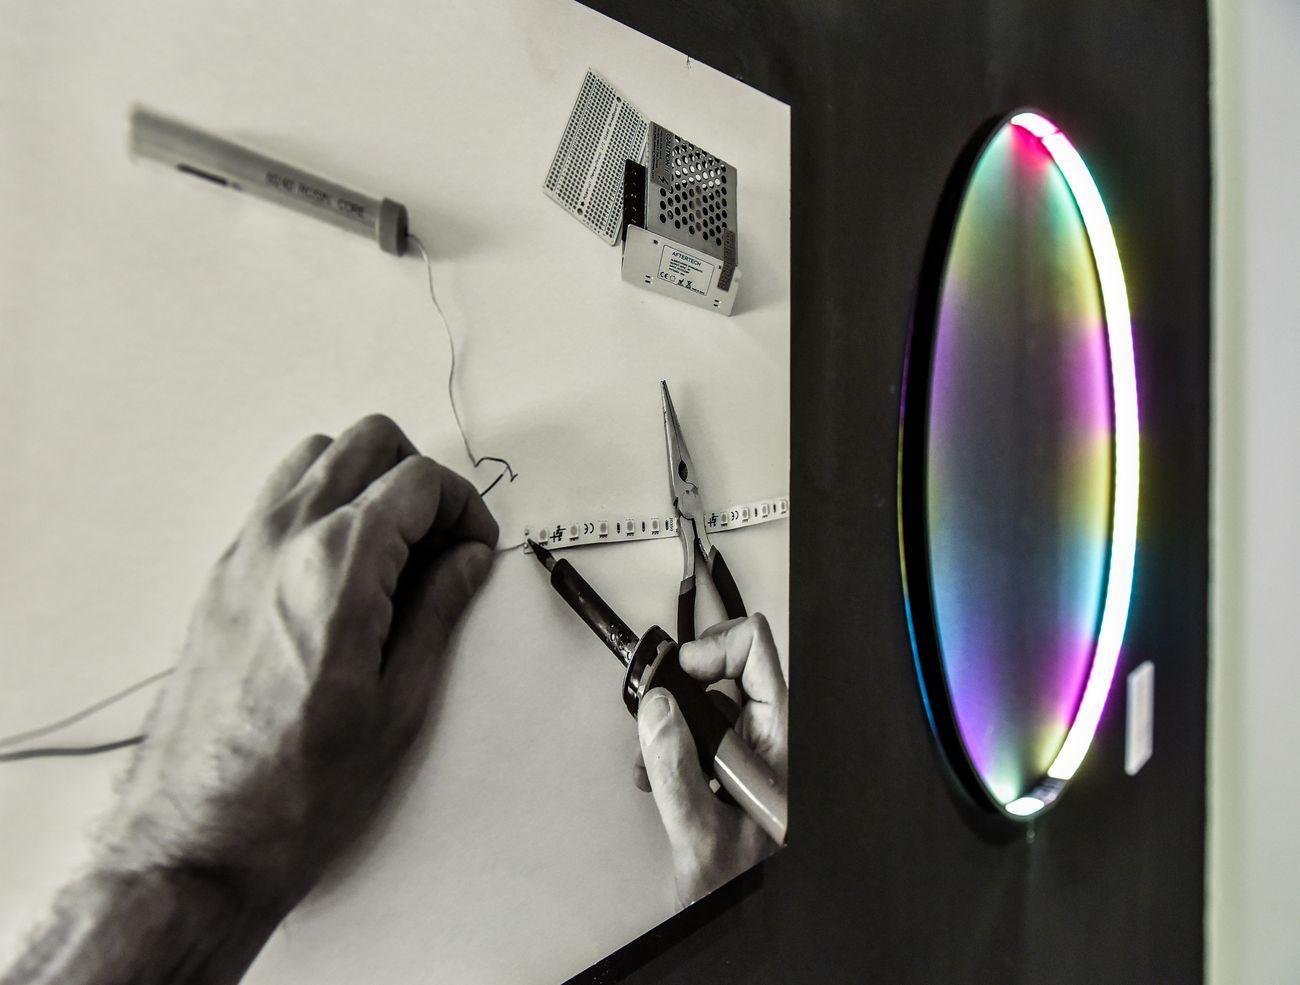 GestoZero. Istantanee 2020. Marco Amedani. Installation view at Museo del Violino, Cremona 2020